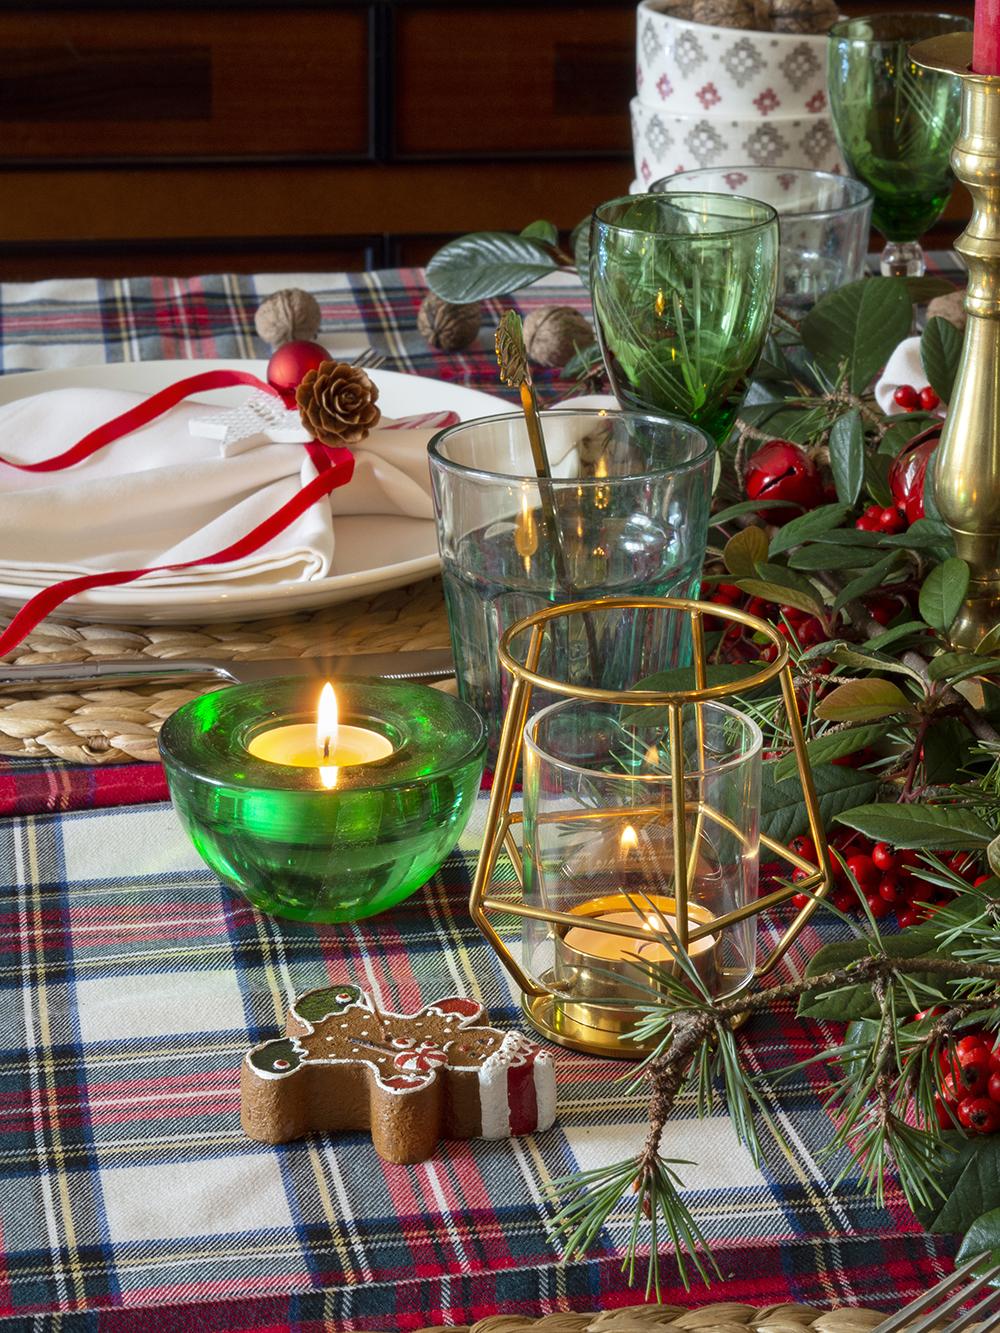 Nuestra mesa navideña en cuadros escoceses13